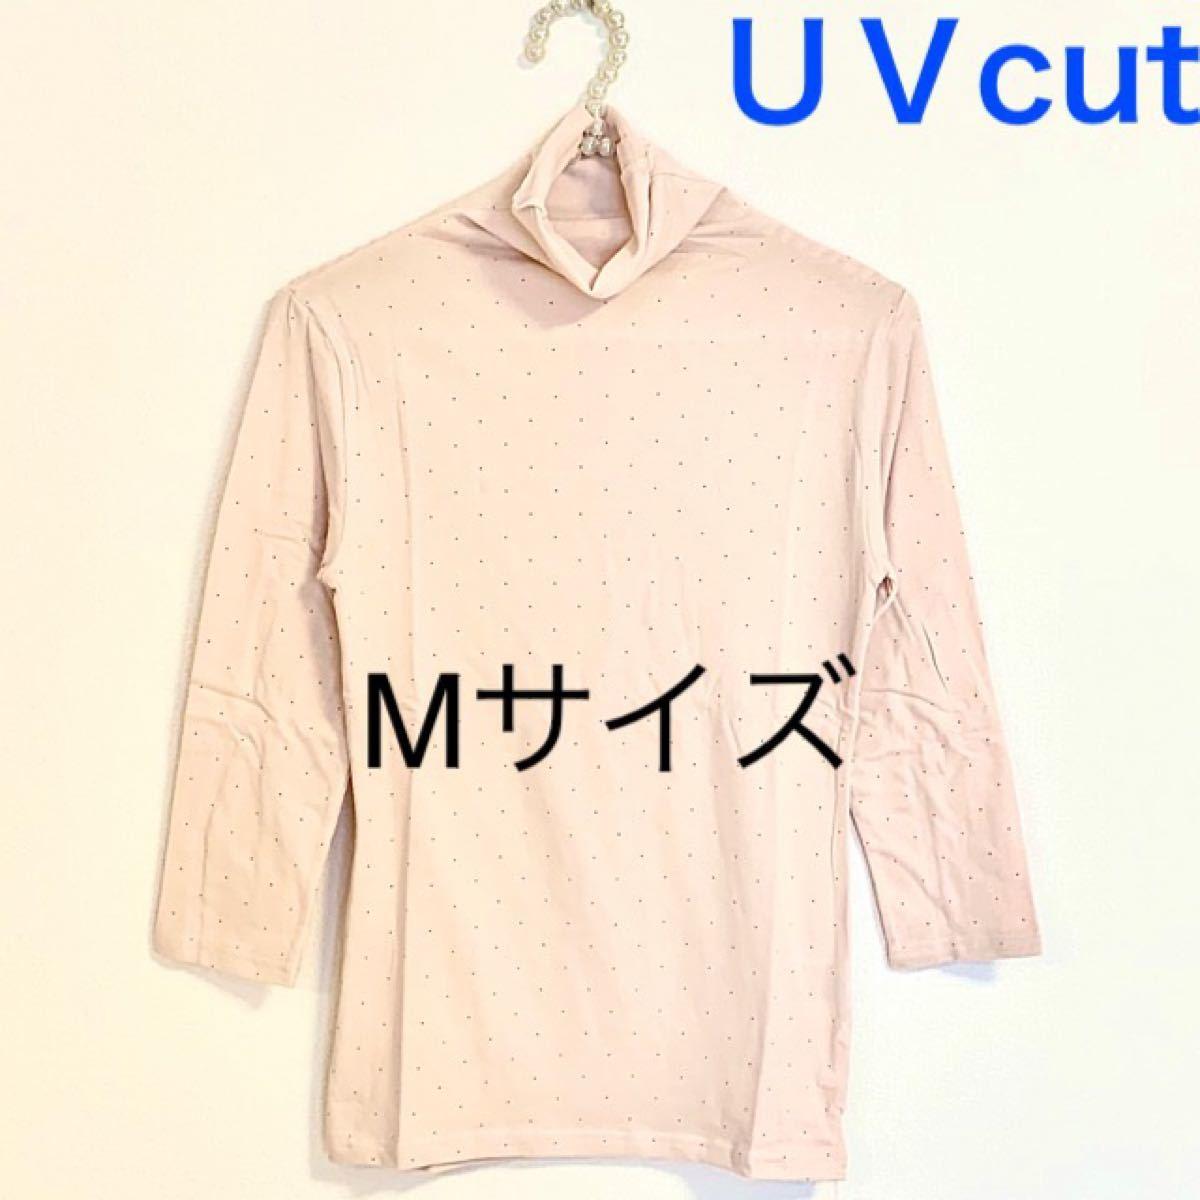 7分袖【Mサイズ】水玉ピンク★UVカットハイネックカットソー